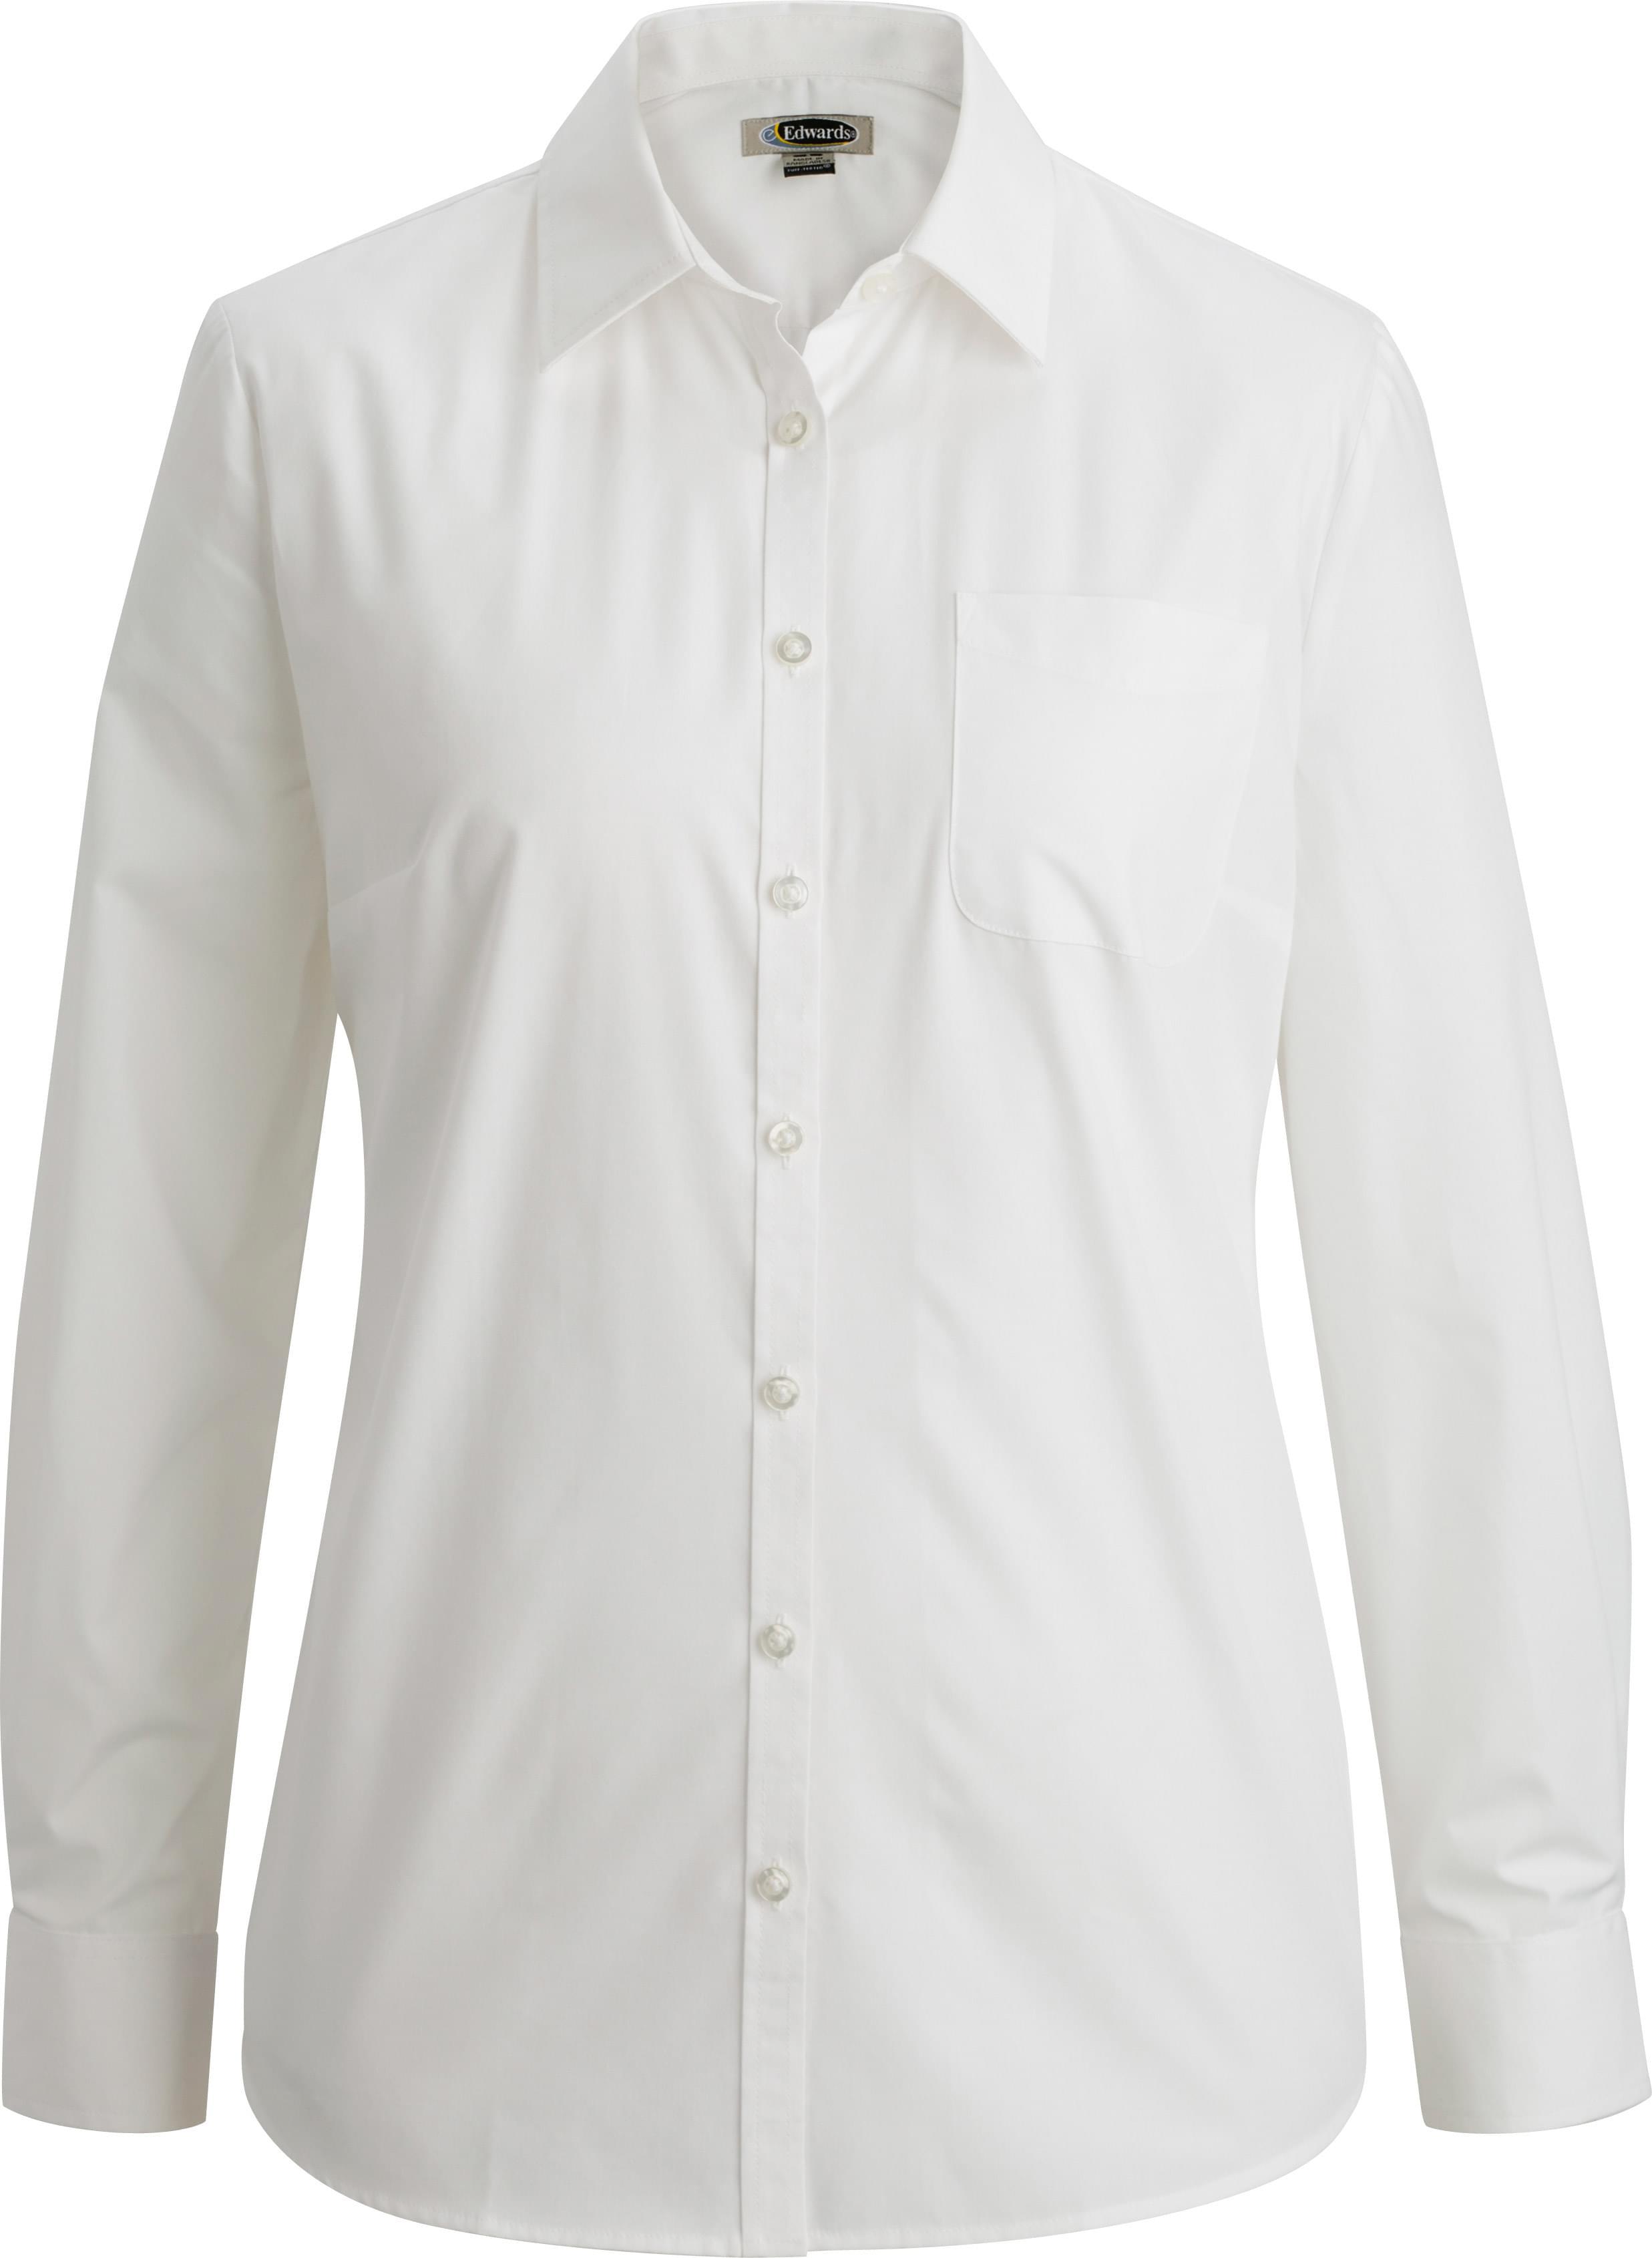 Ladies Essential Broadcloth Shirt Long Sleeve 5354